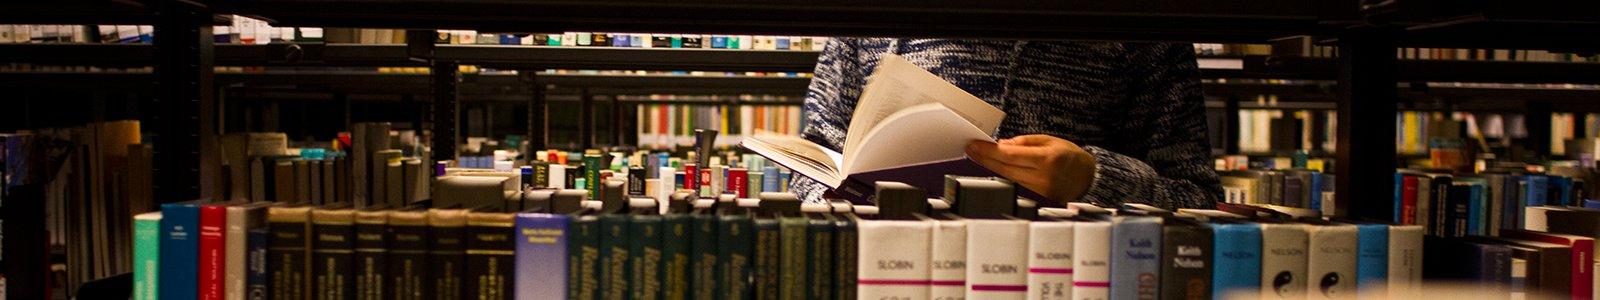 Universiteitsbibliotheek - literatuur zoeken